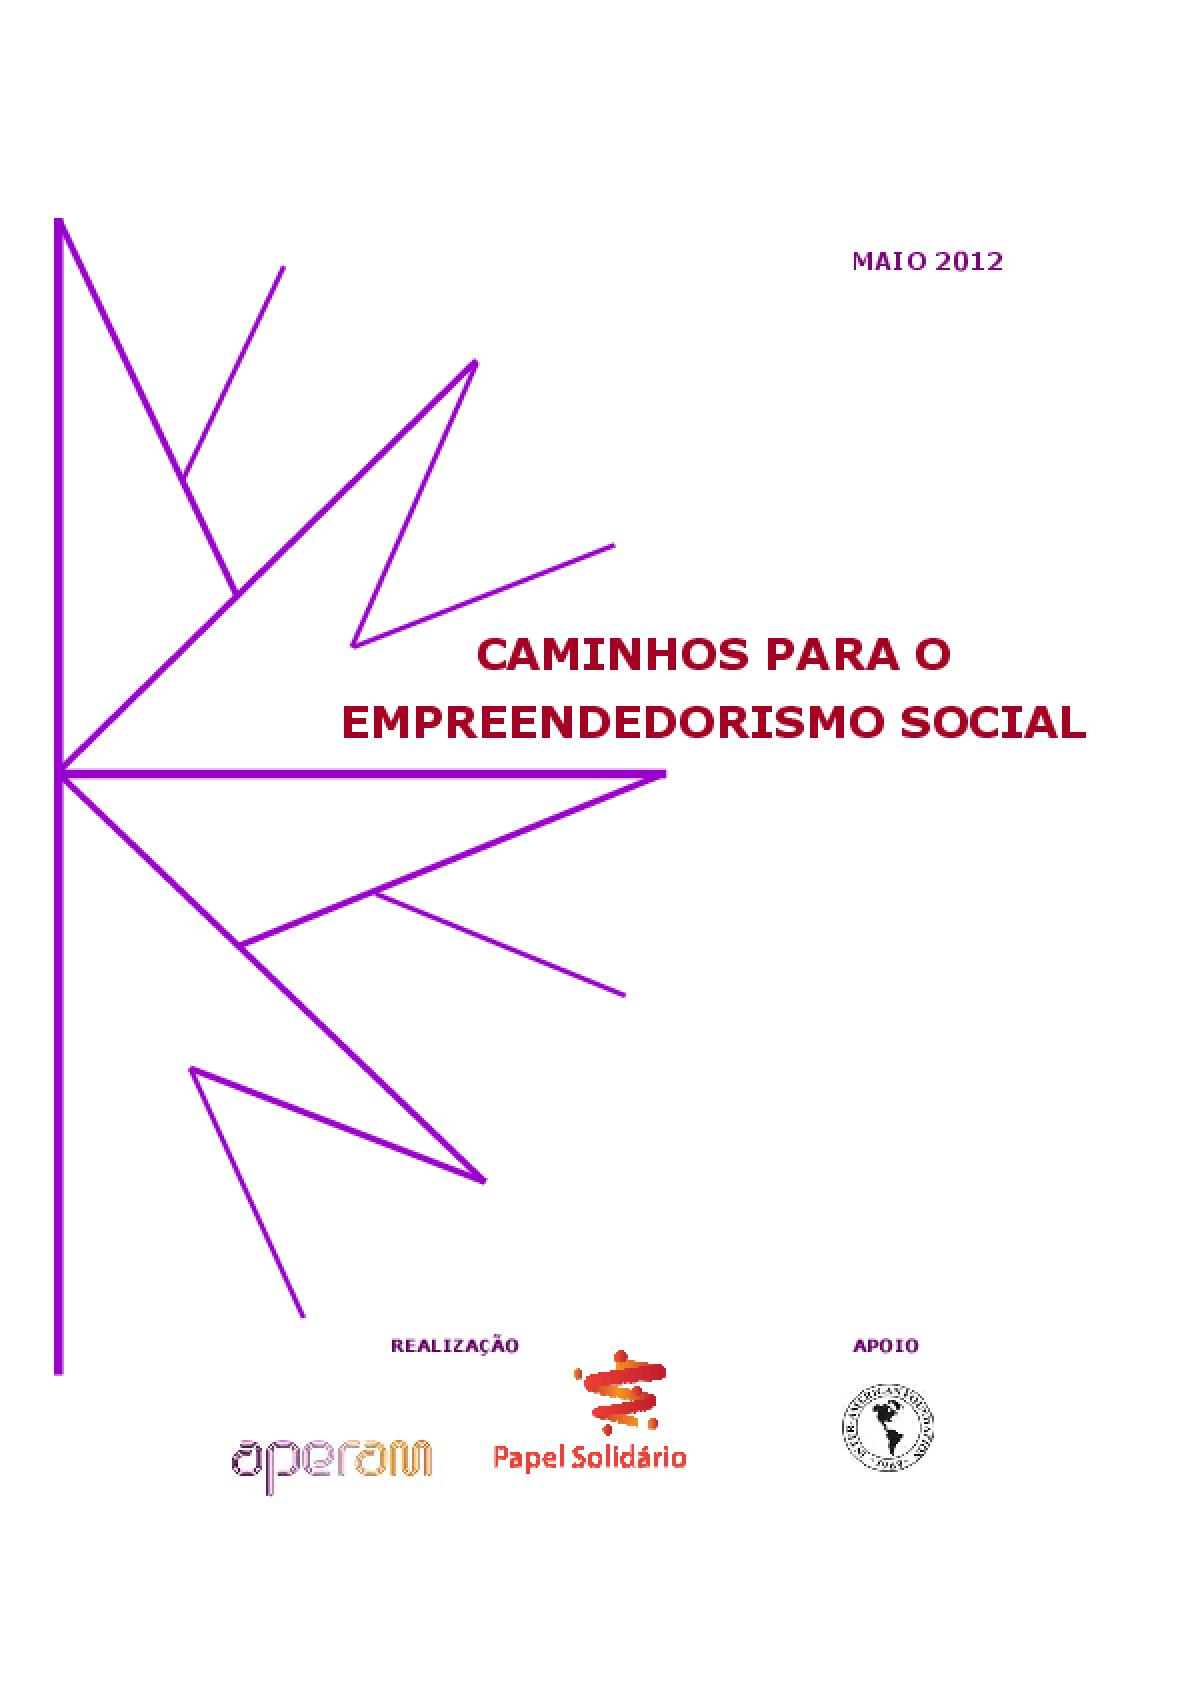 Caminhos para o empreendedorismo social